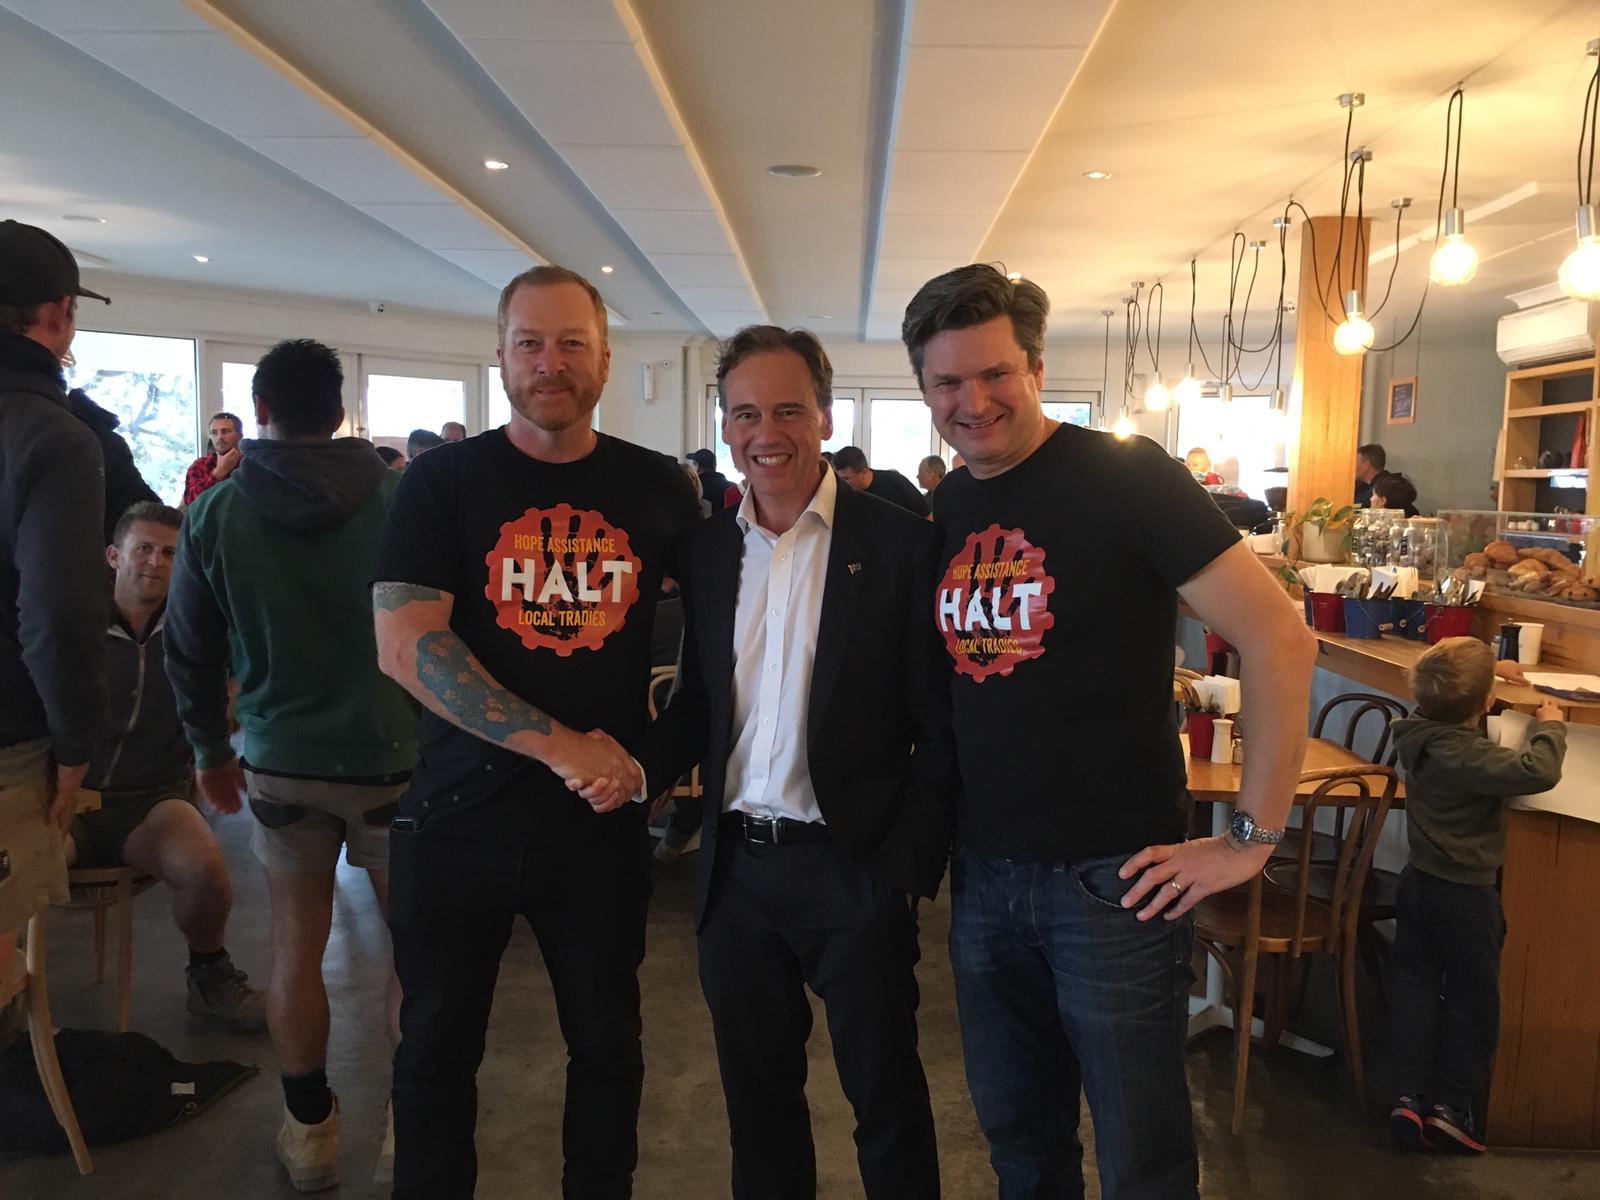 Minister Hunt with HALT staff